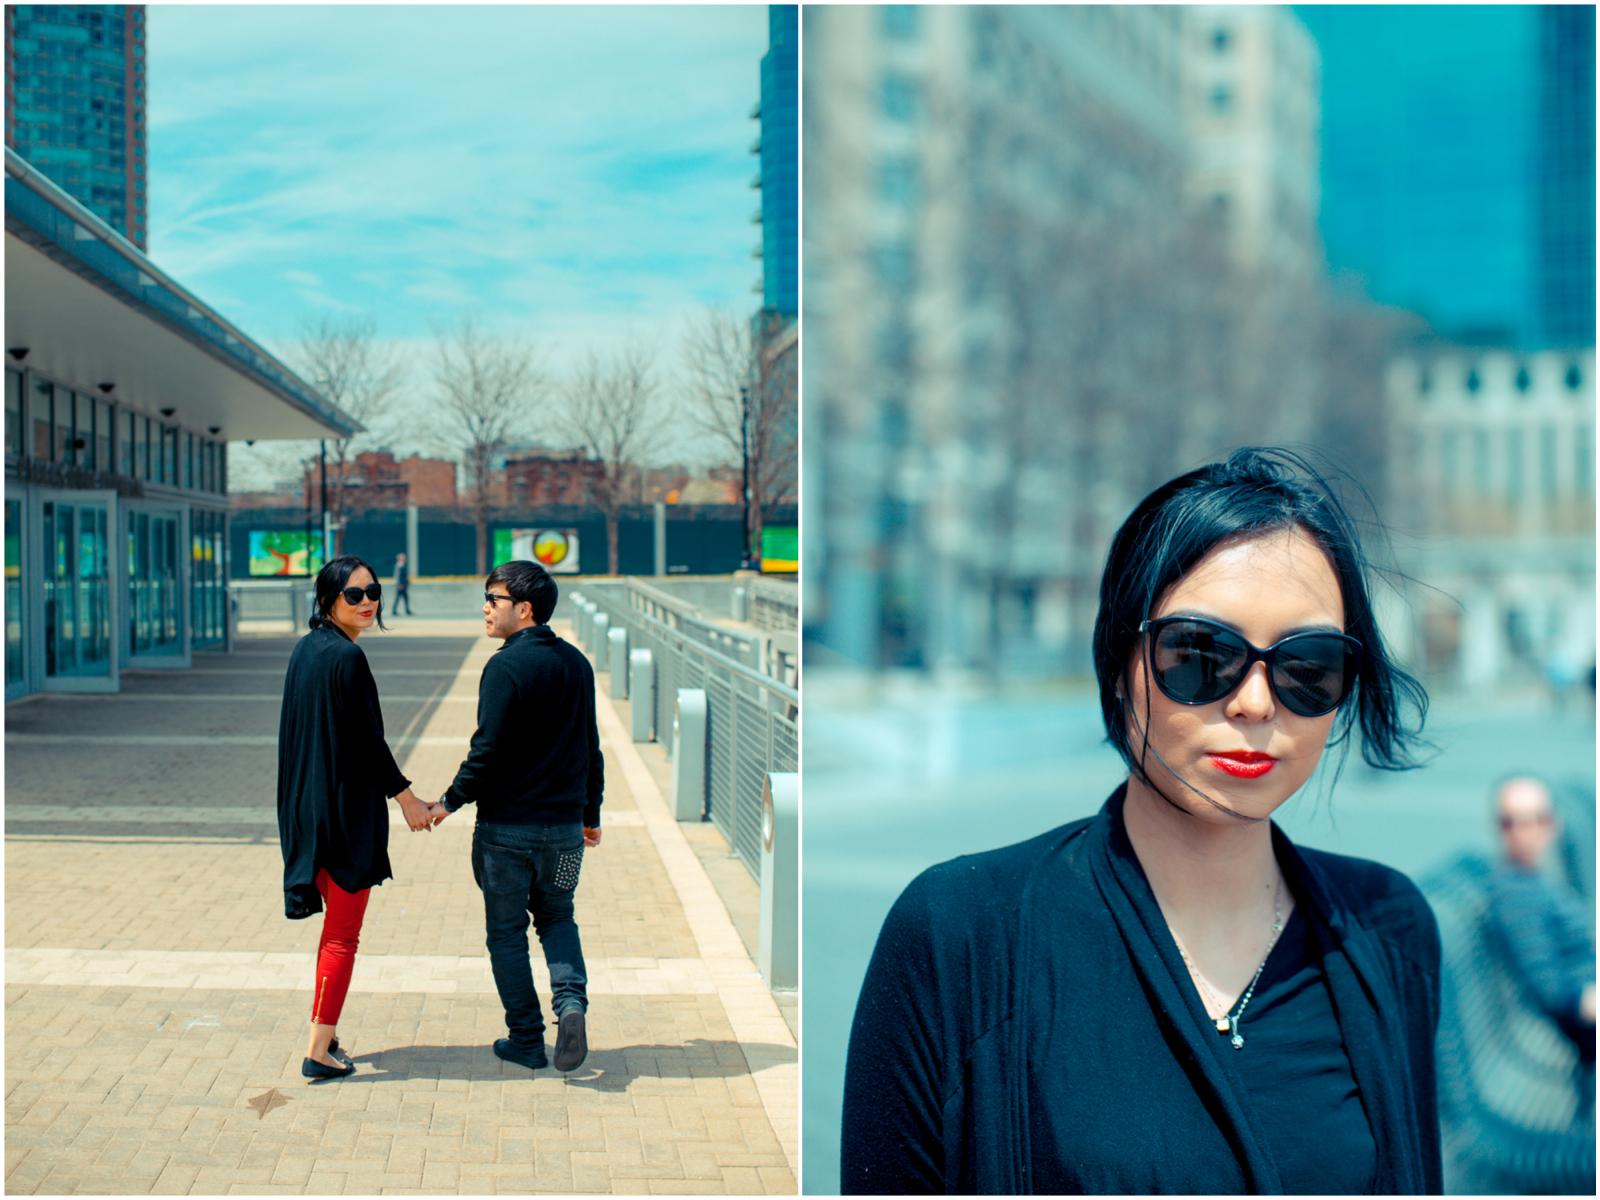 Maaraa-and-Ninjee-Collage-1.jpg